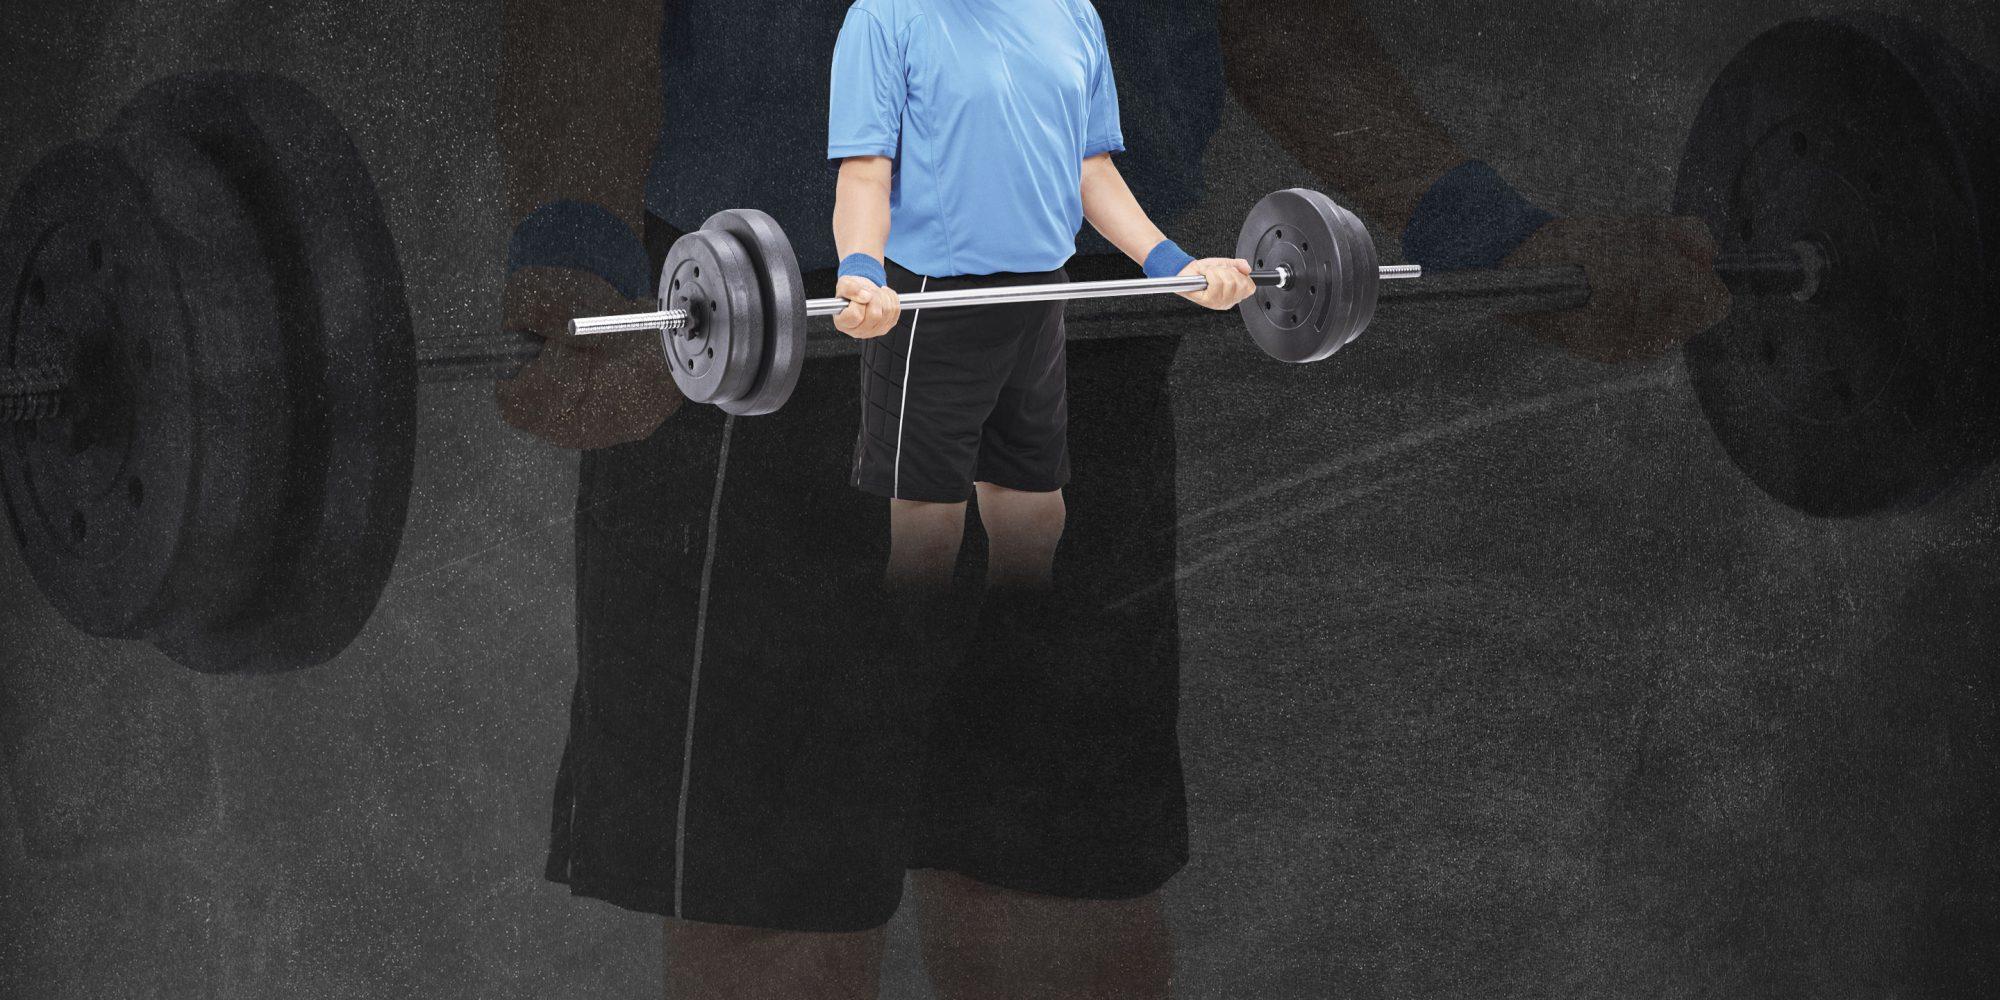 Masse musculaire, au-delà des apparences